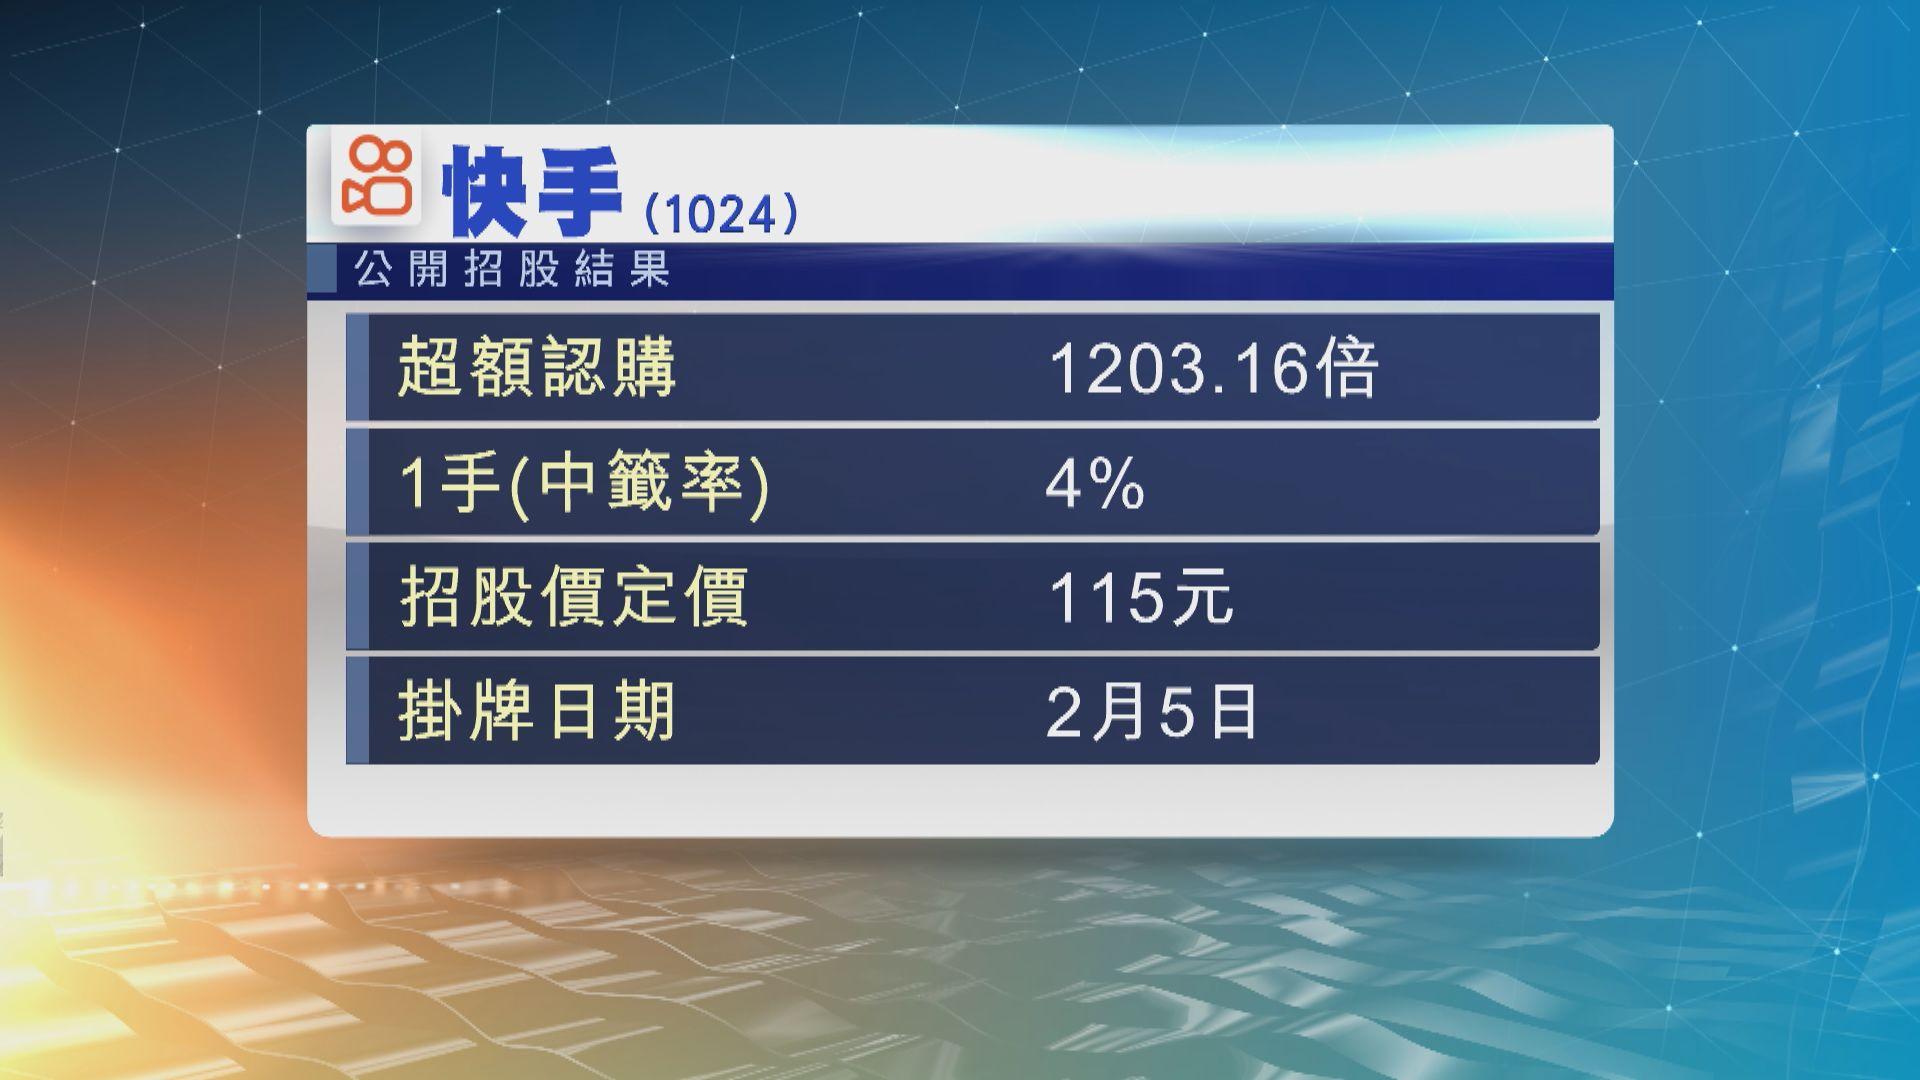 快手公開招股 錄得超過1200倍的超額認購